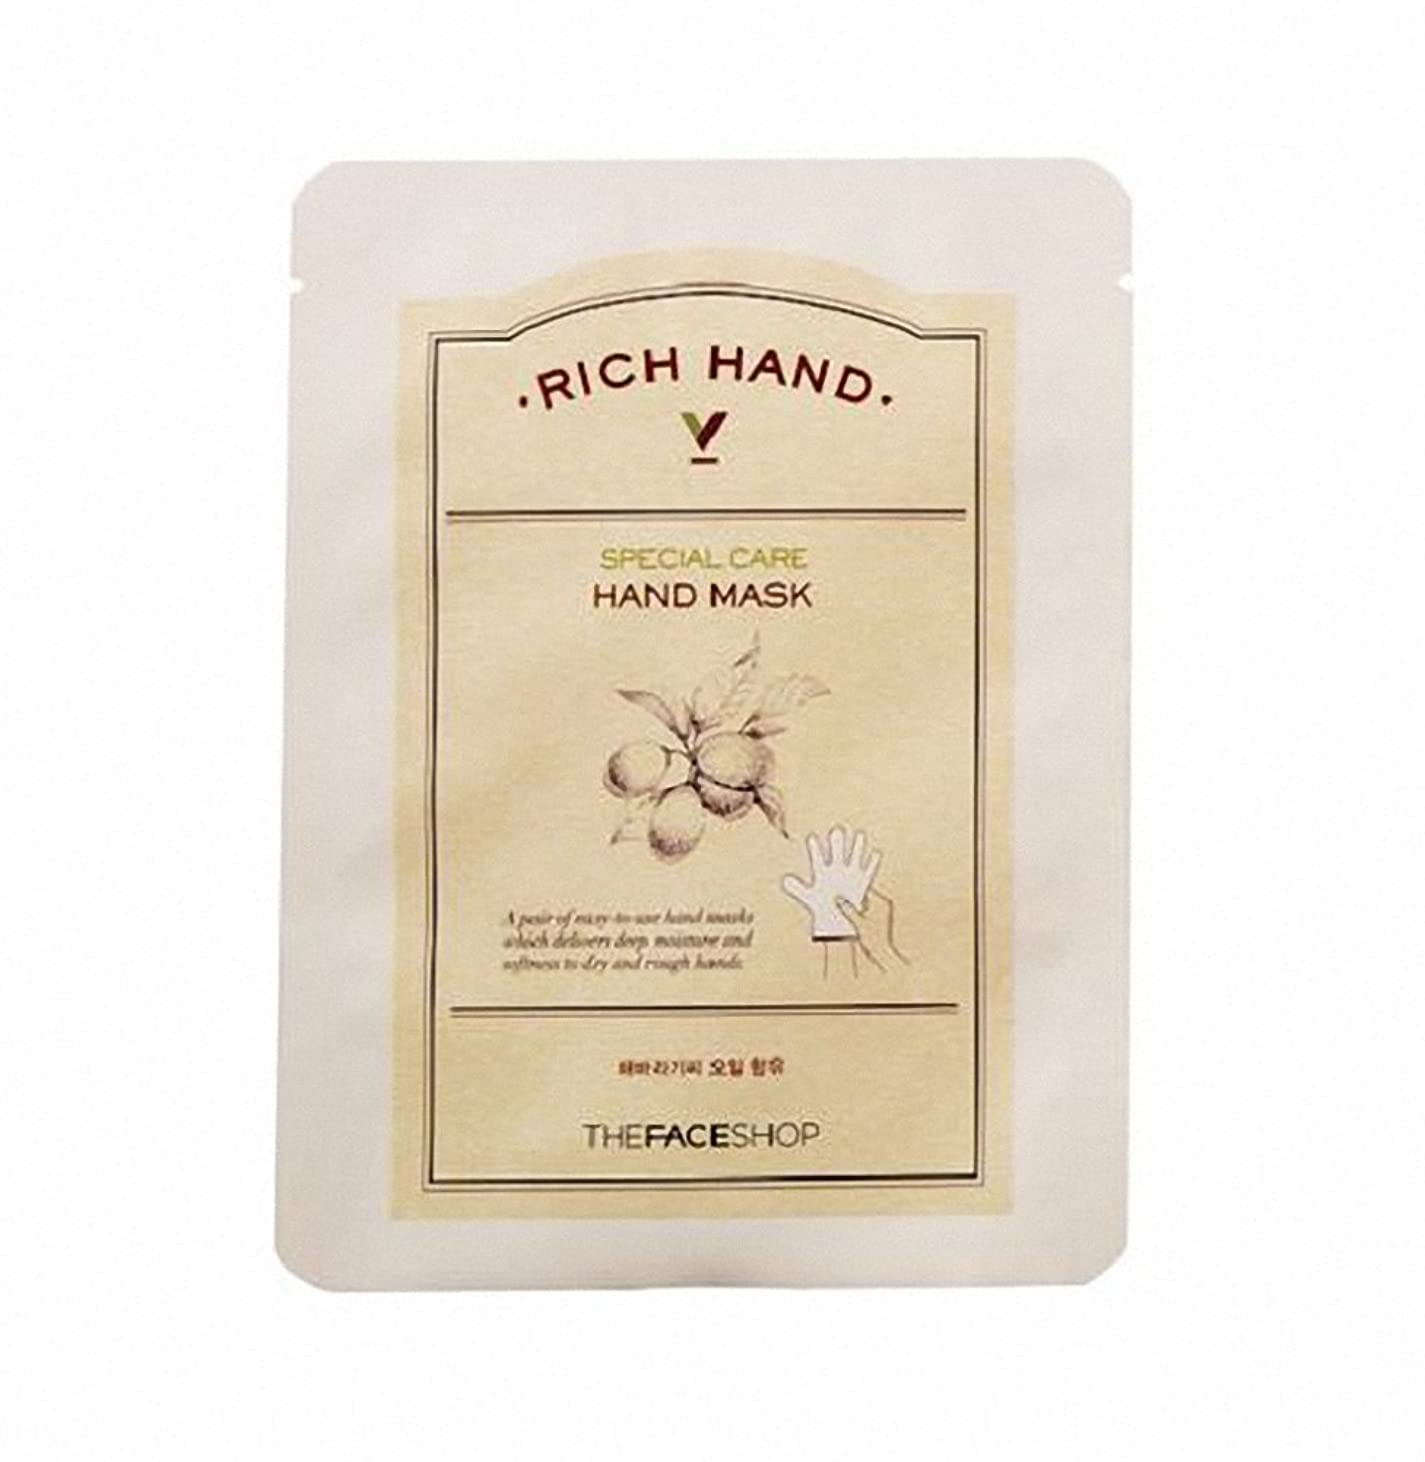 一時解雇する隔離セイはさておき[ザ·フェイスショップ The Face Shop]  リッチ ハンド V スペシャルケア ハンドマスク (3枚) Rich Hand V Special Care Hand Mask (3 Sheet) 韓国コスメ[海外直送品]